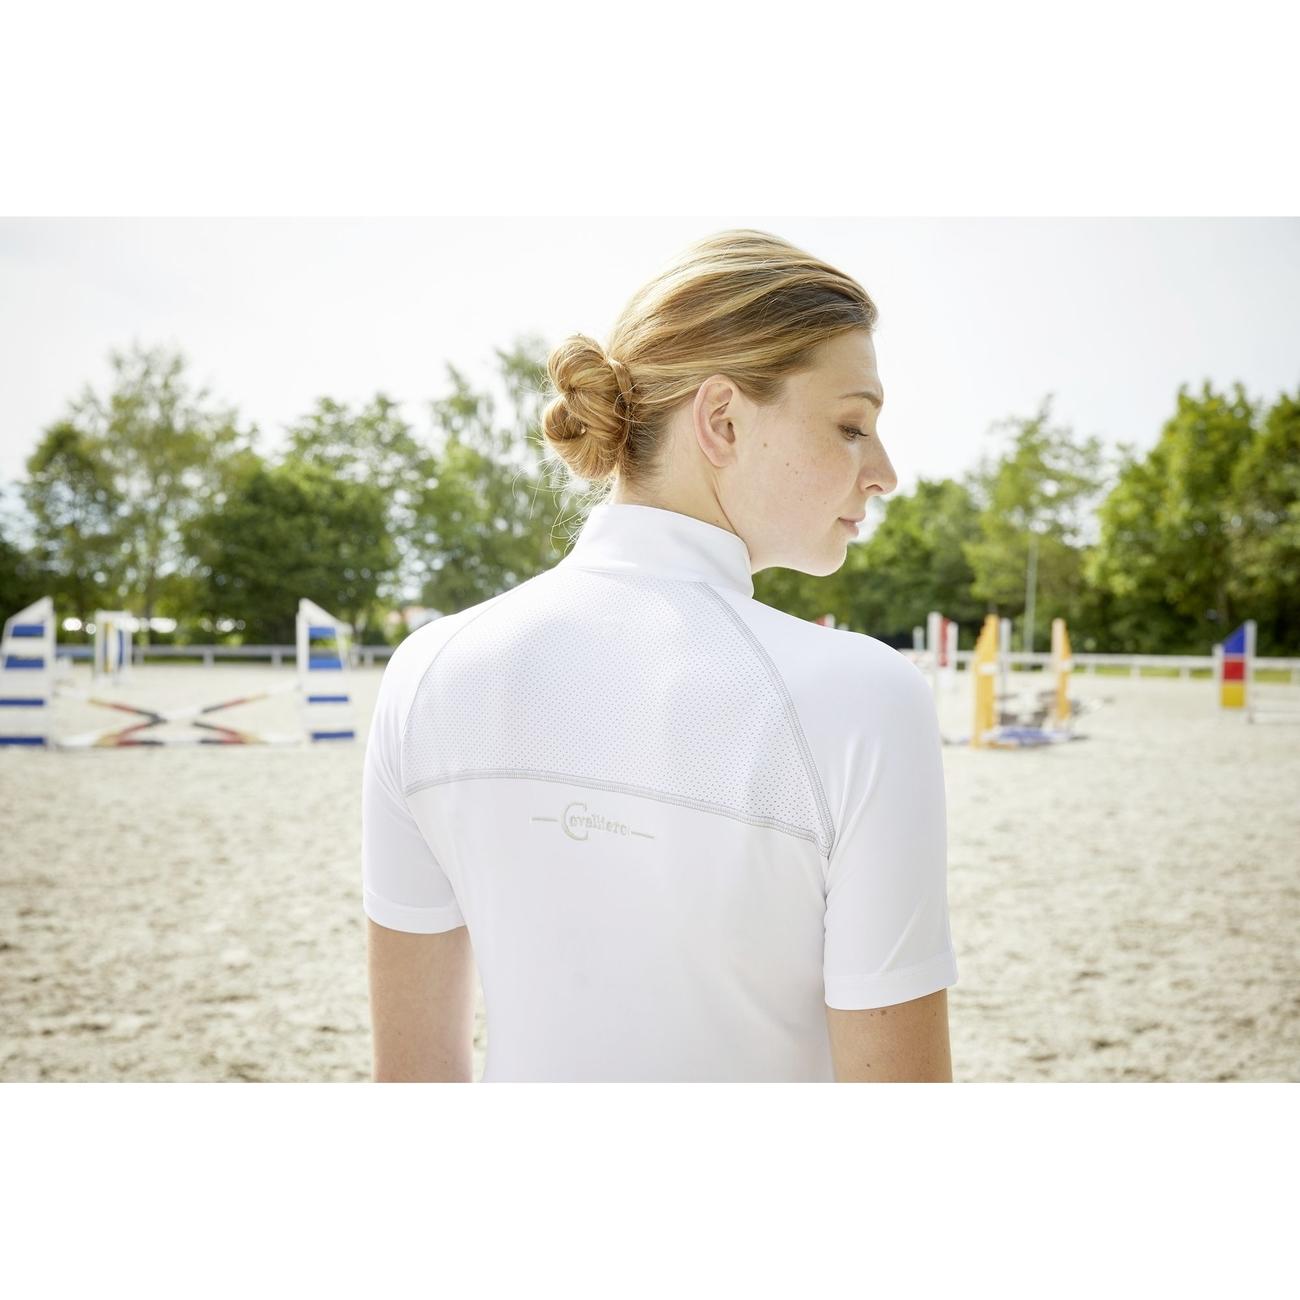 Covalliero Competition Shirt Valentina für Damen und Kinder, Bild 5